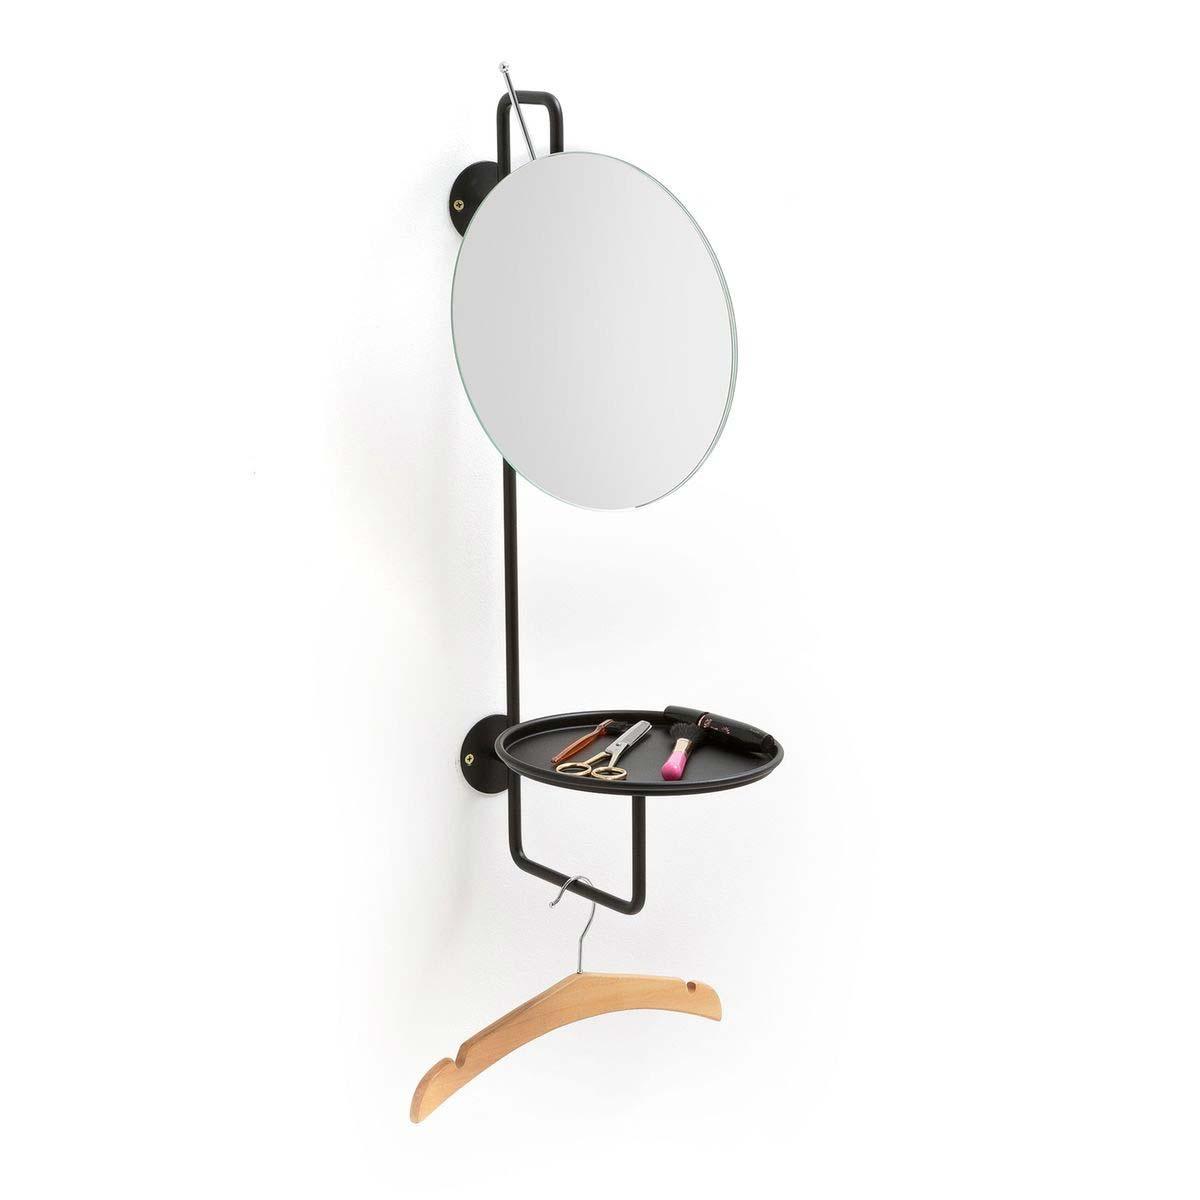 miroir avec porte manteau. Black Bedroom Furniture Sets. Home Design Ideas